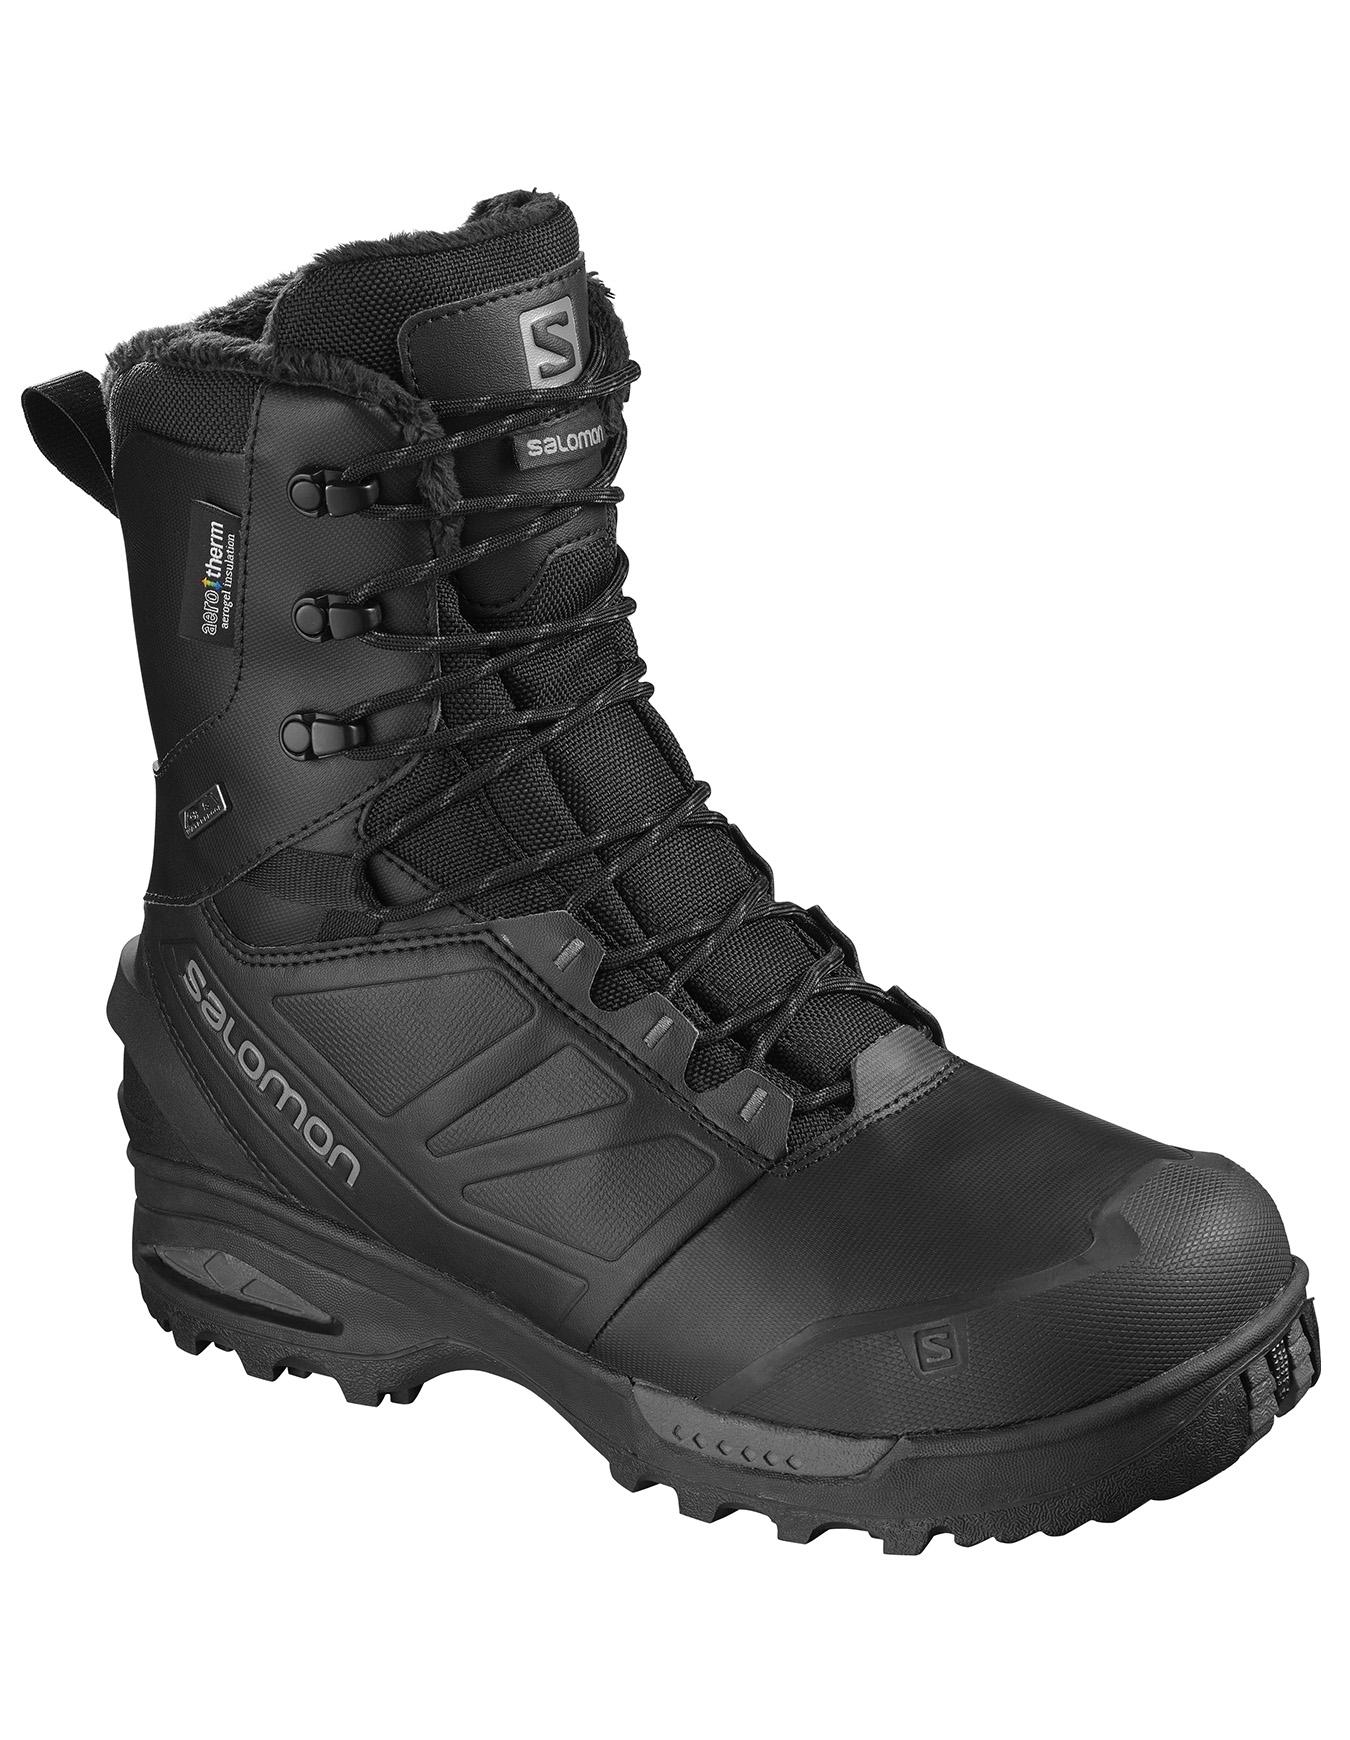 Chaussures de marche Salomon Toundra Pro CS WP noir